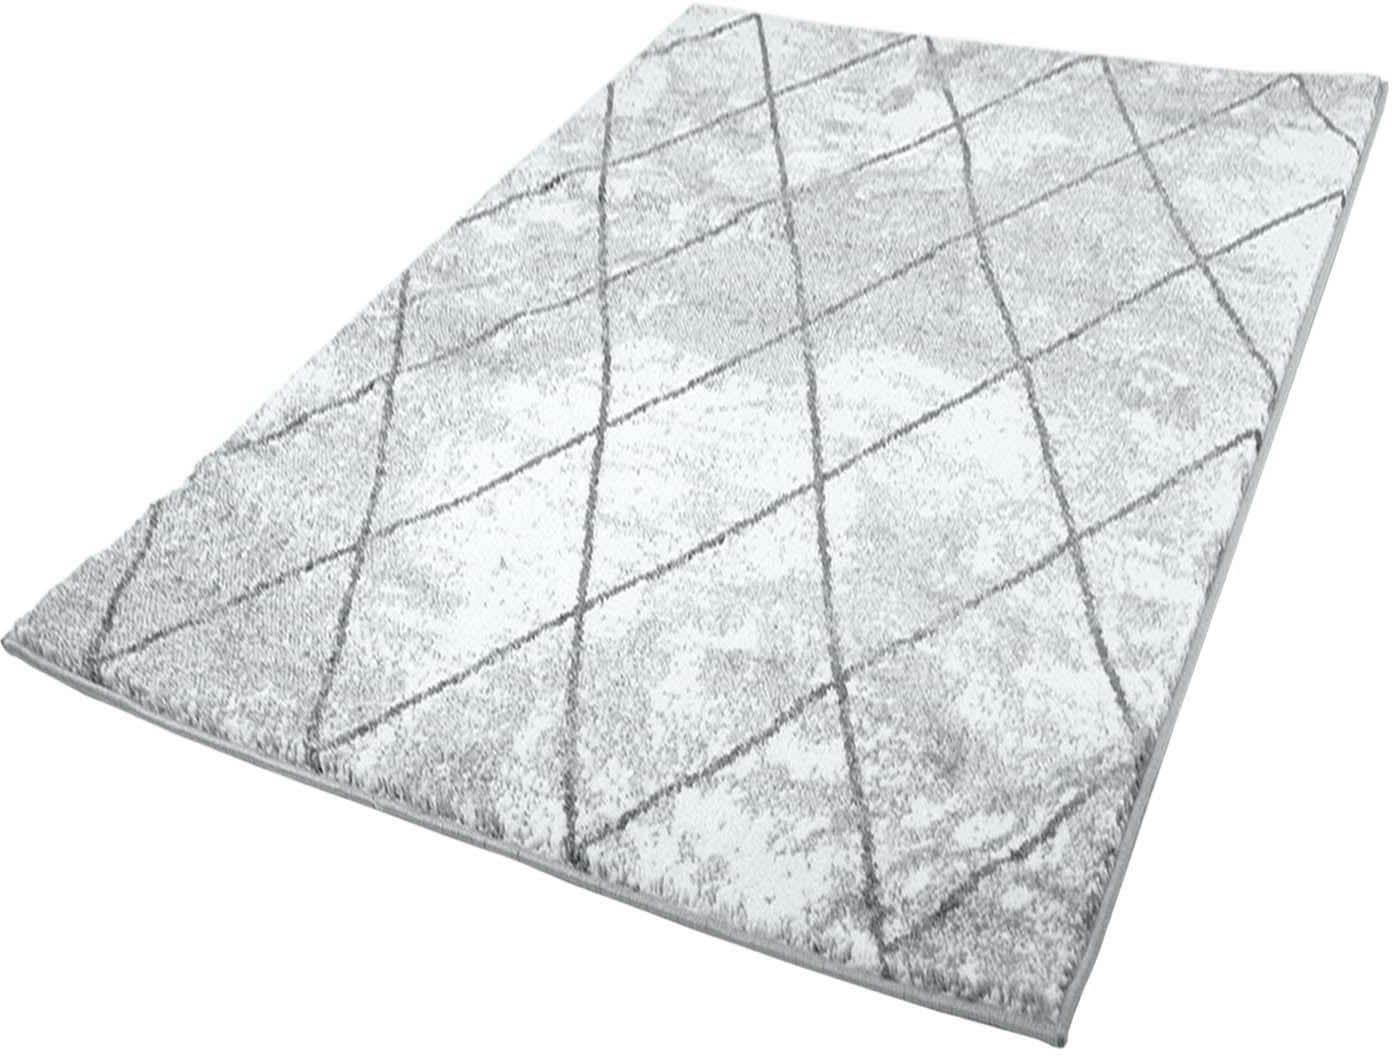 Teppich Moda 1532 Carpet City rechteckig Höhe 11 mm maschinell gewebt